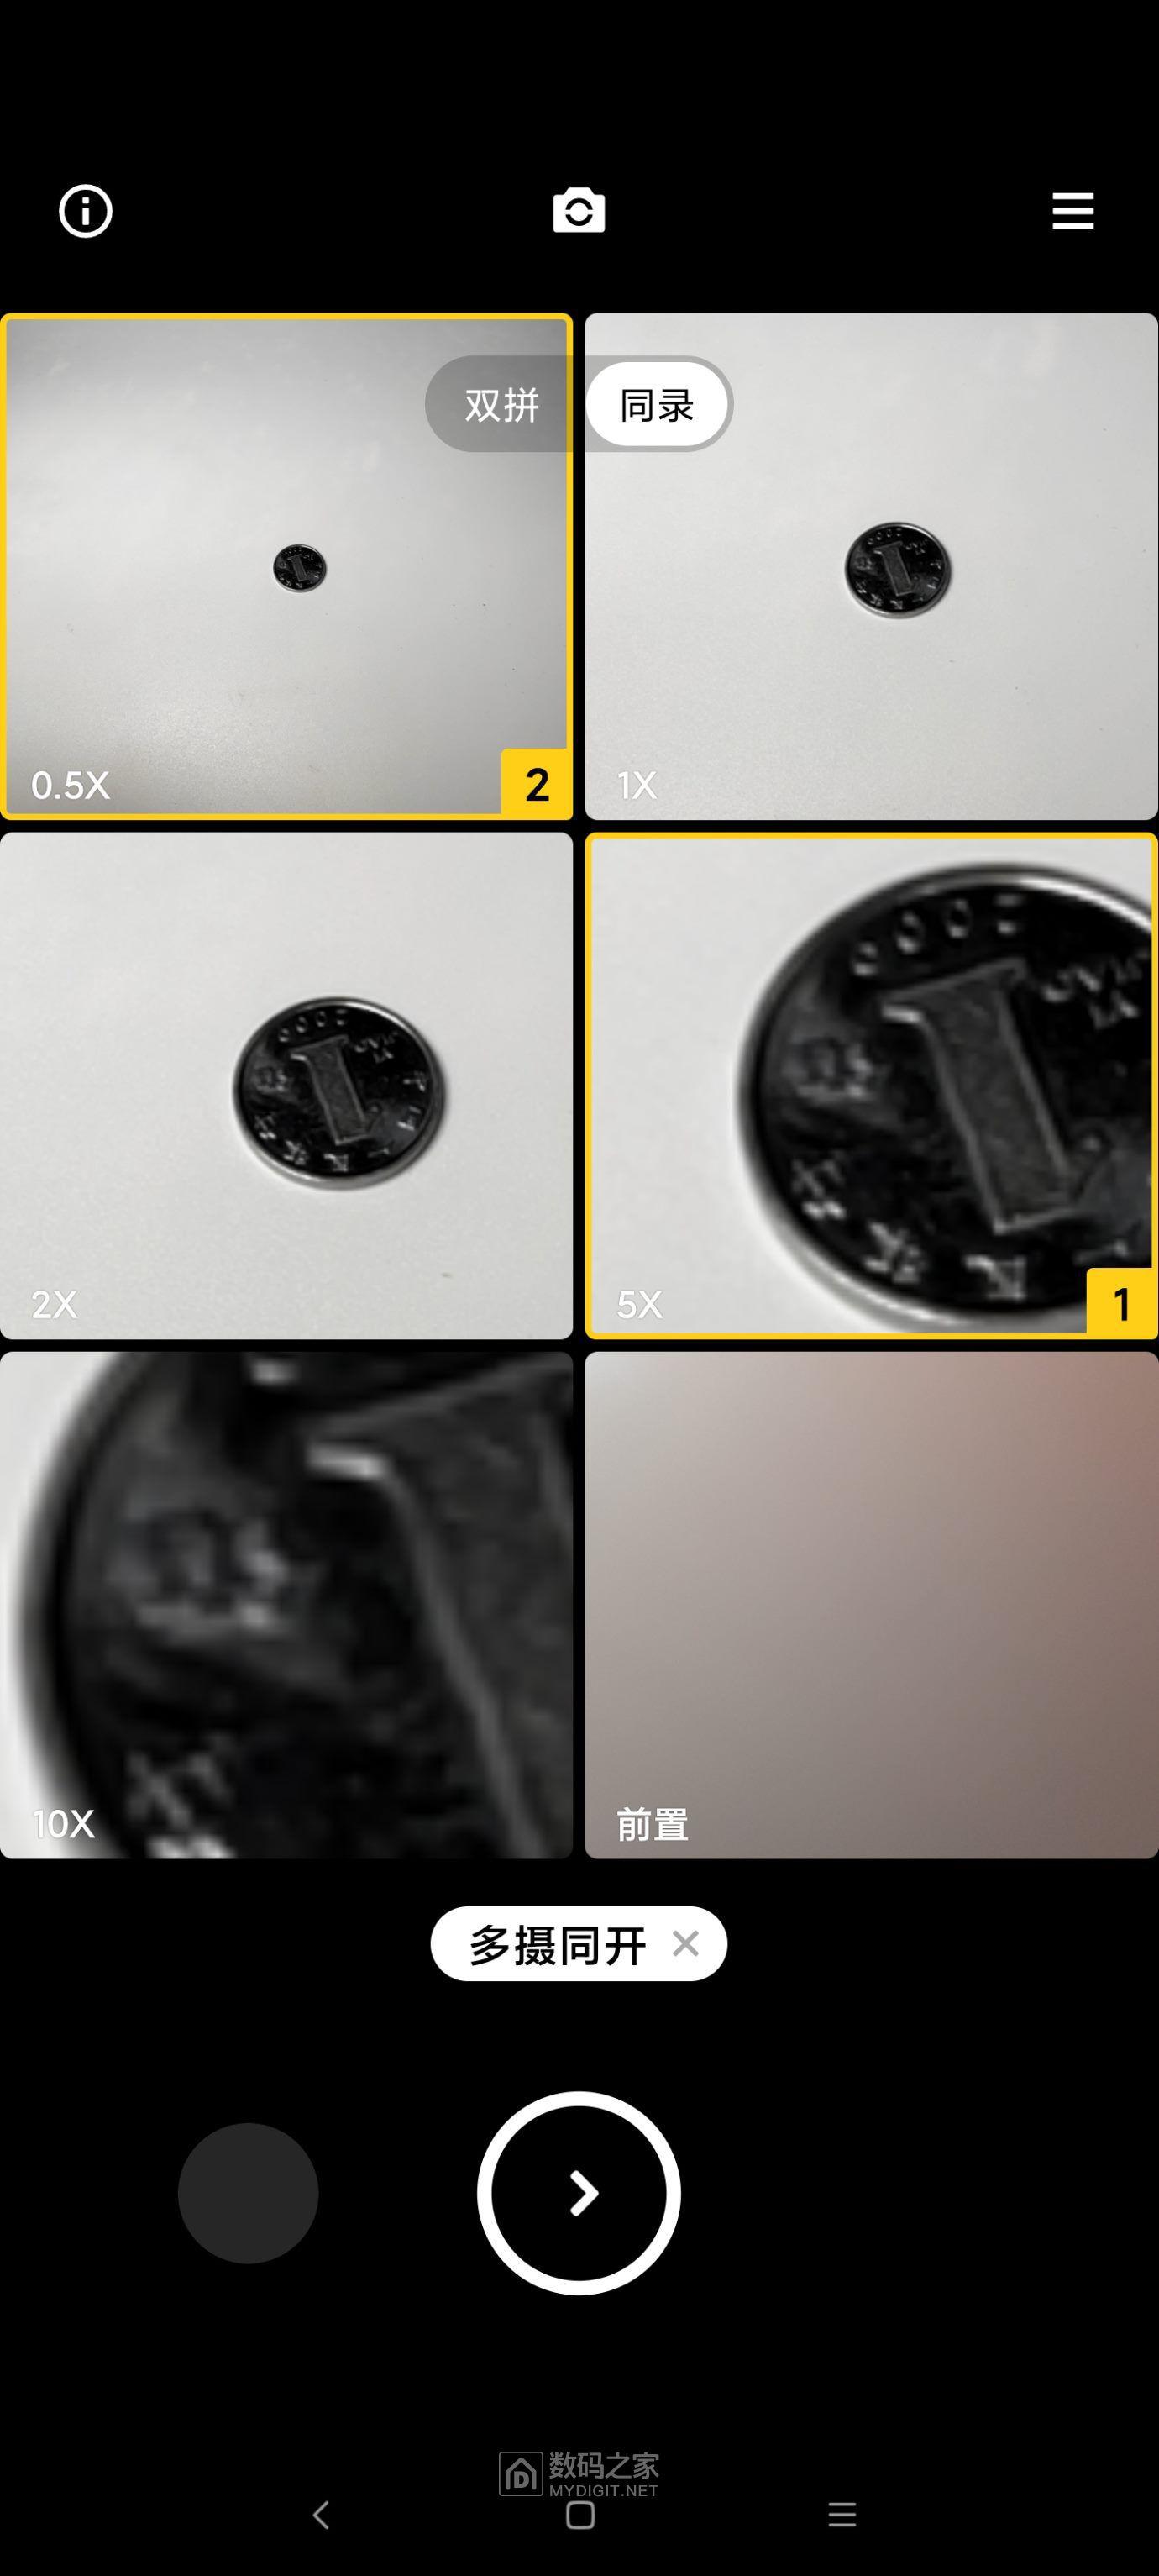 Screenshot_2021-05-11-19-57-17-567_com.android.camera.jpg